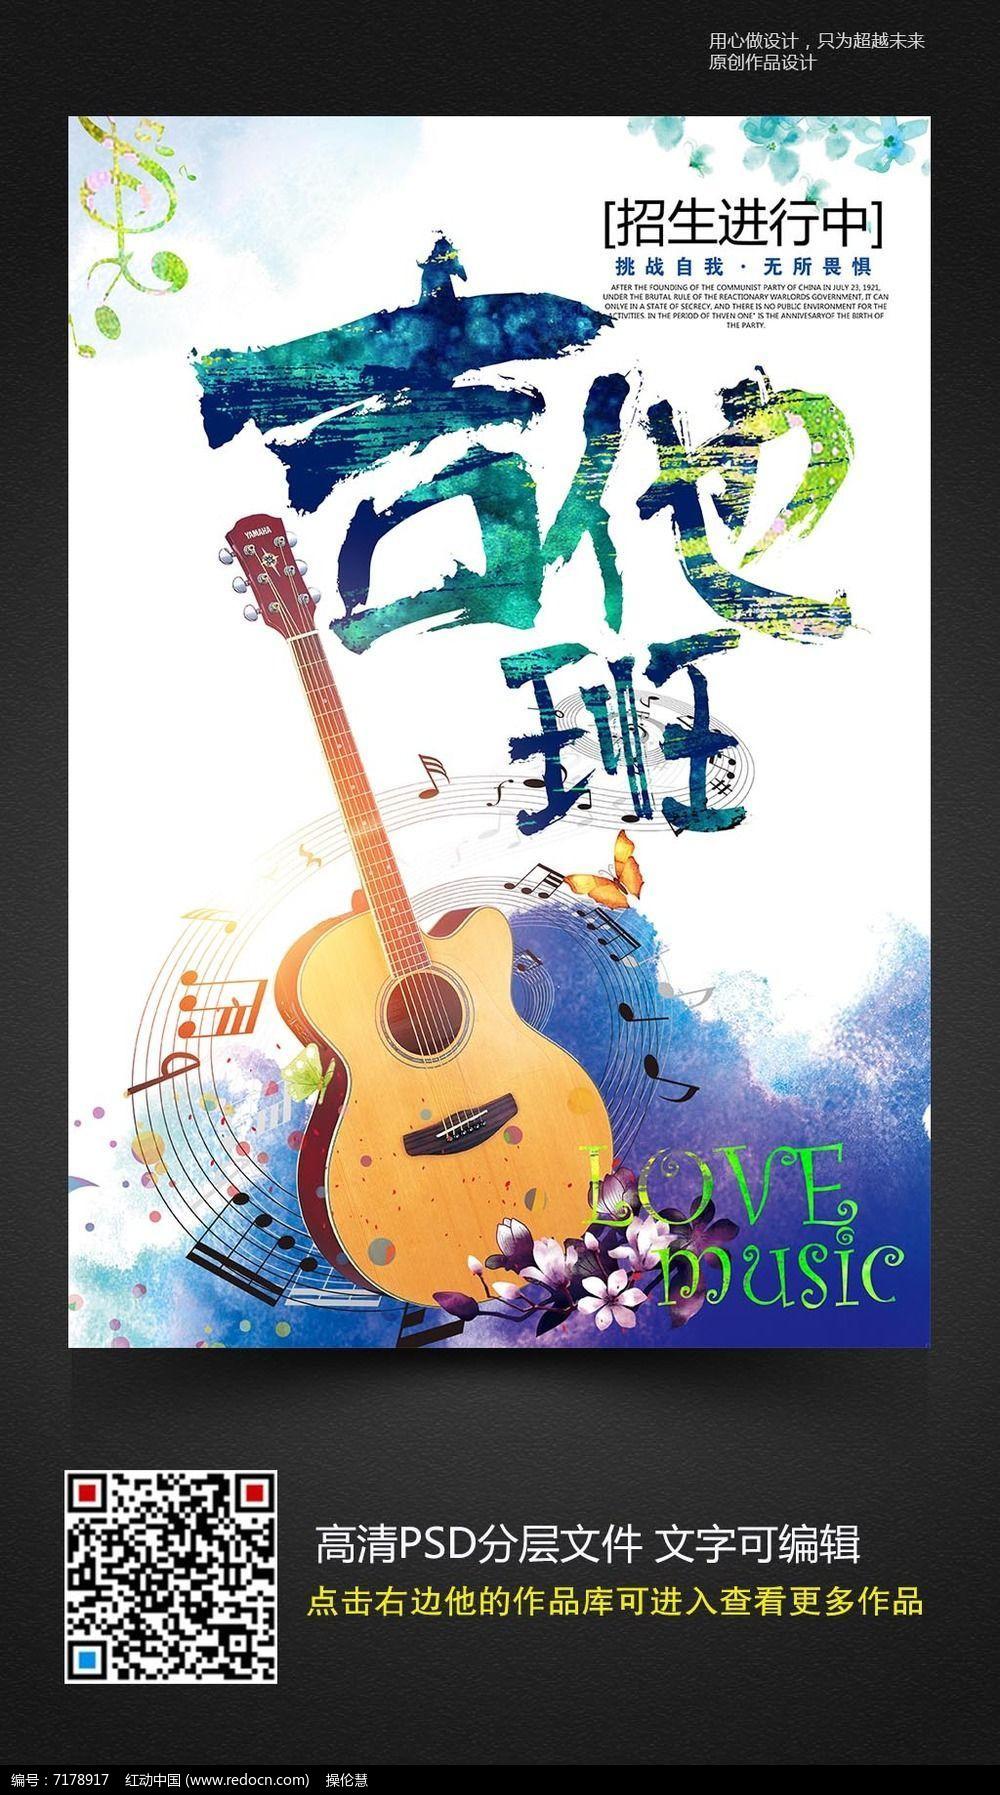 吉他培训班招生海报_创意水彩吉他班招生海报设计_红动网